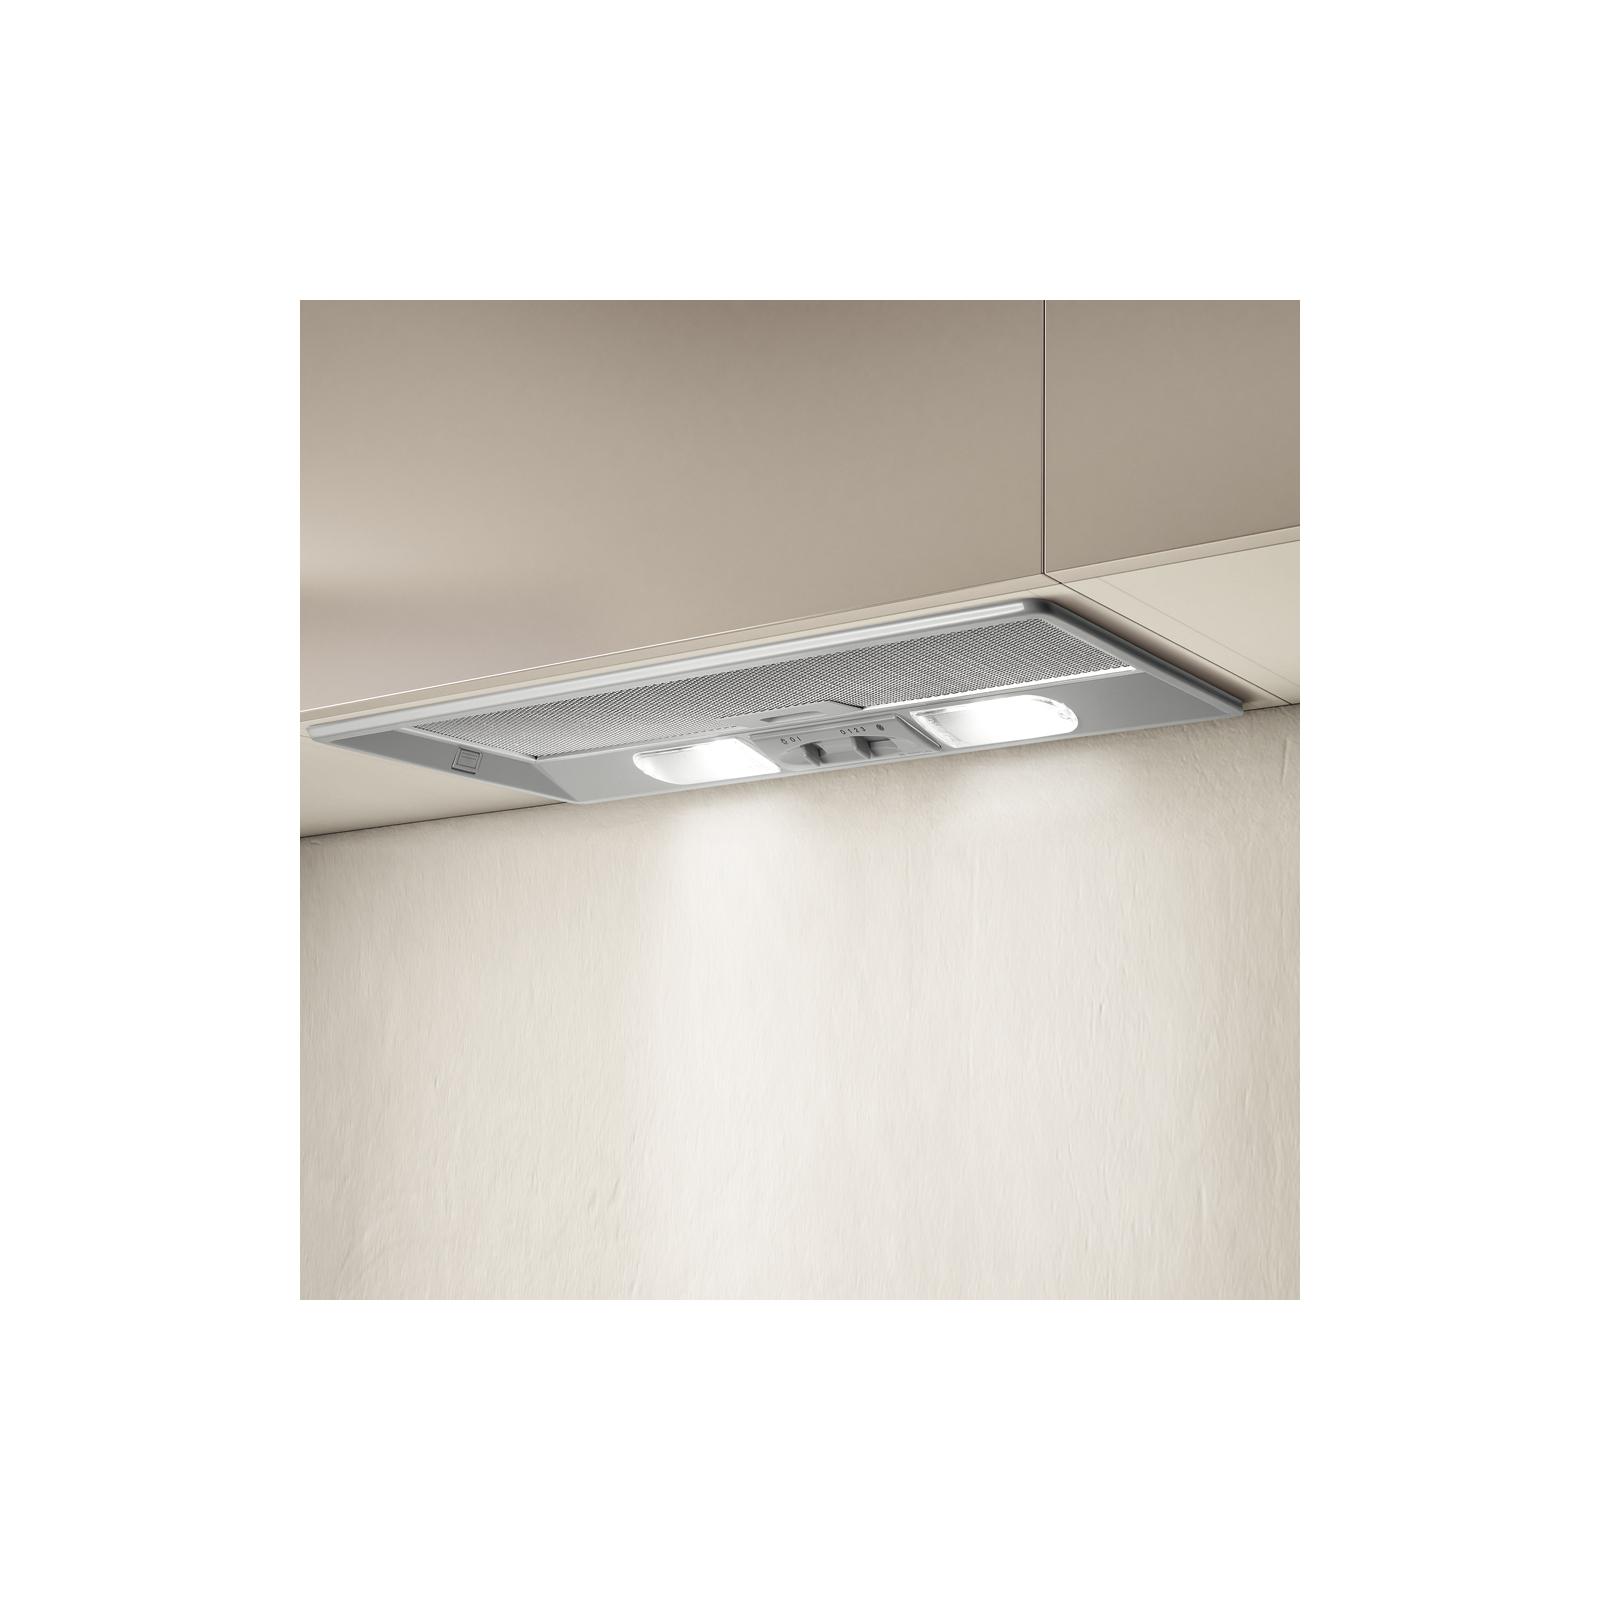 Вытяжка кухонная ELICA ELIBLOC 9 2M F/60 GREY / 9LX SILVER\F\60 изображение 2